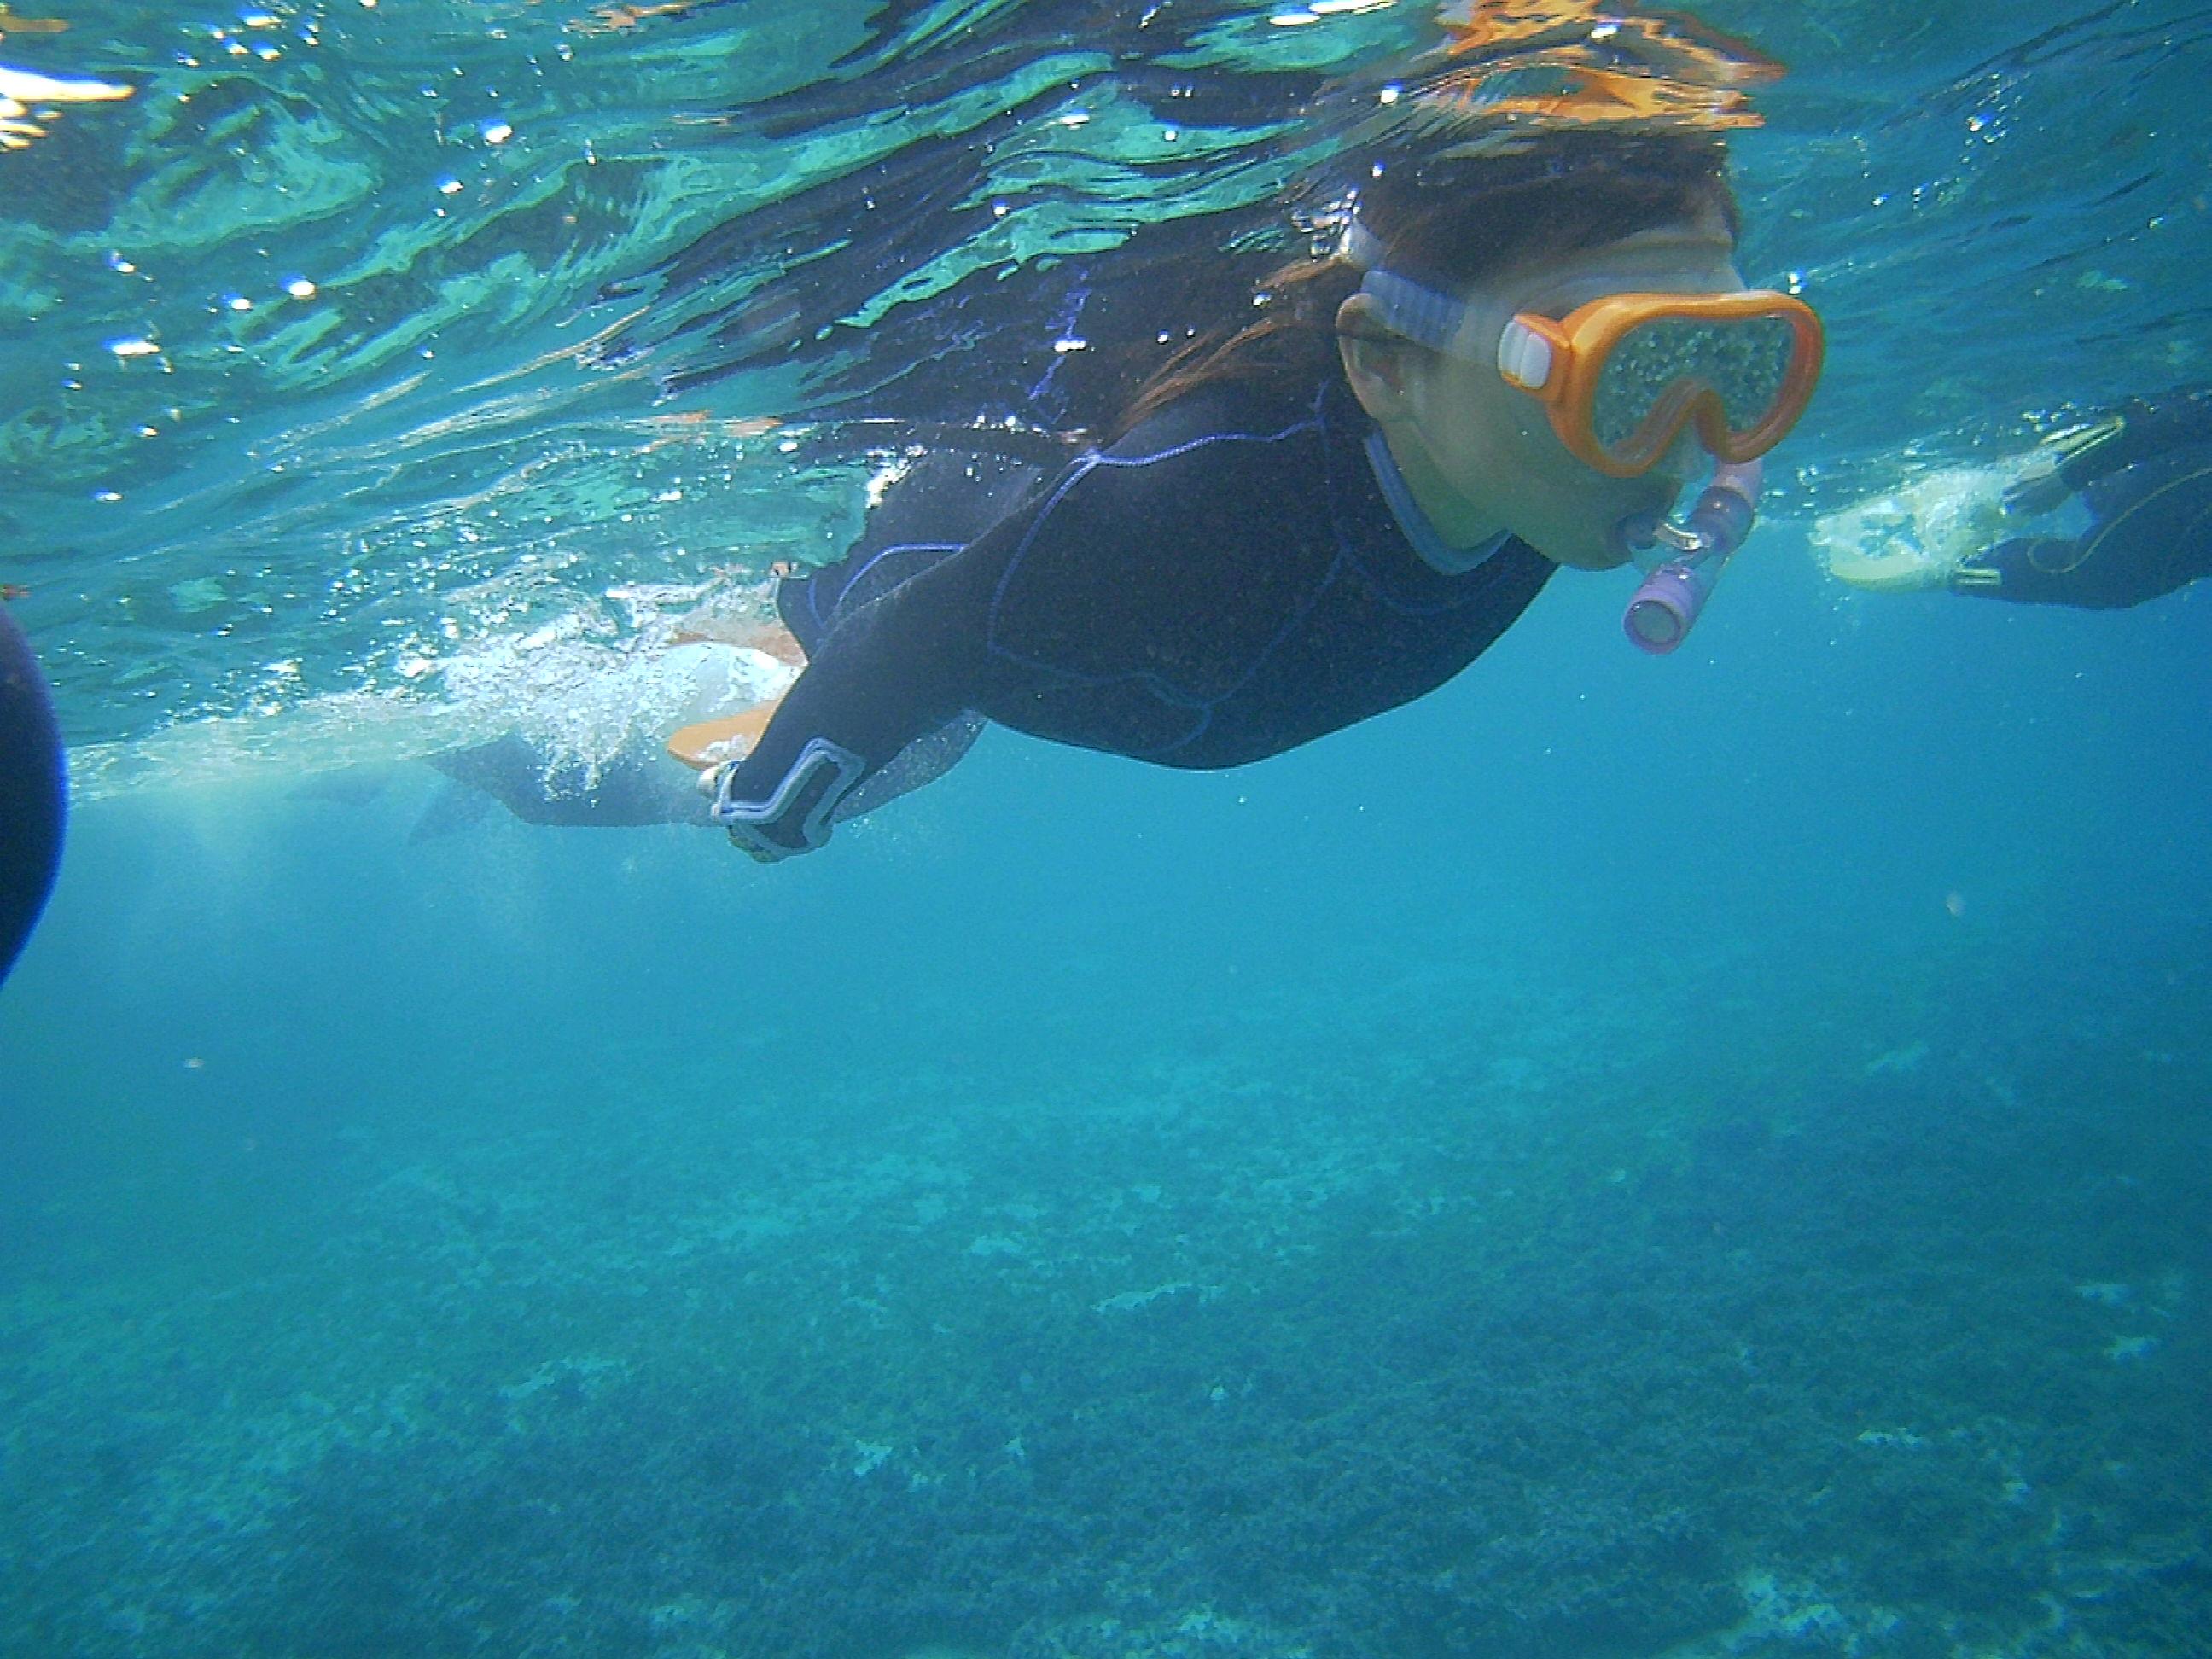 アヤナちゃん、余裕の泳ぎです